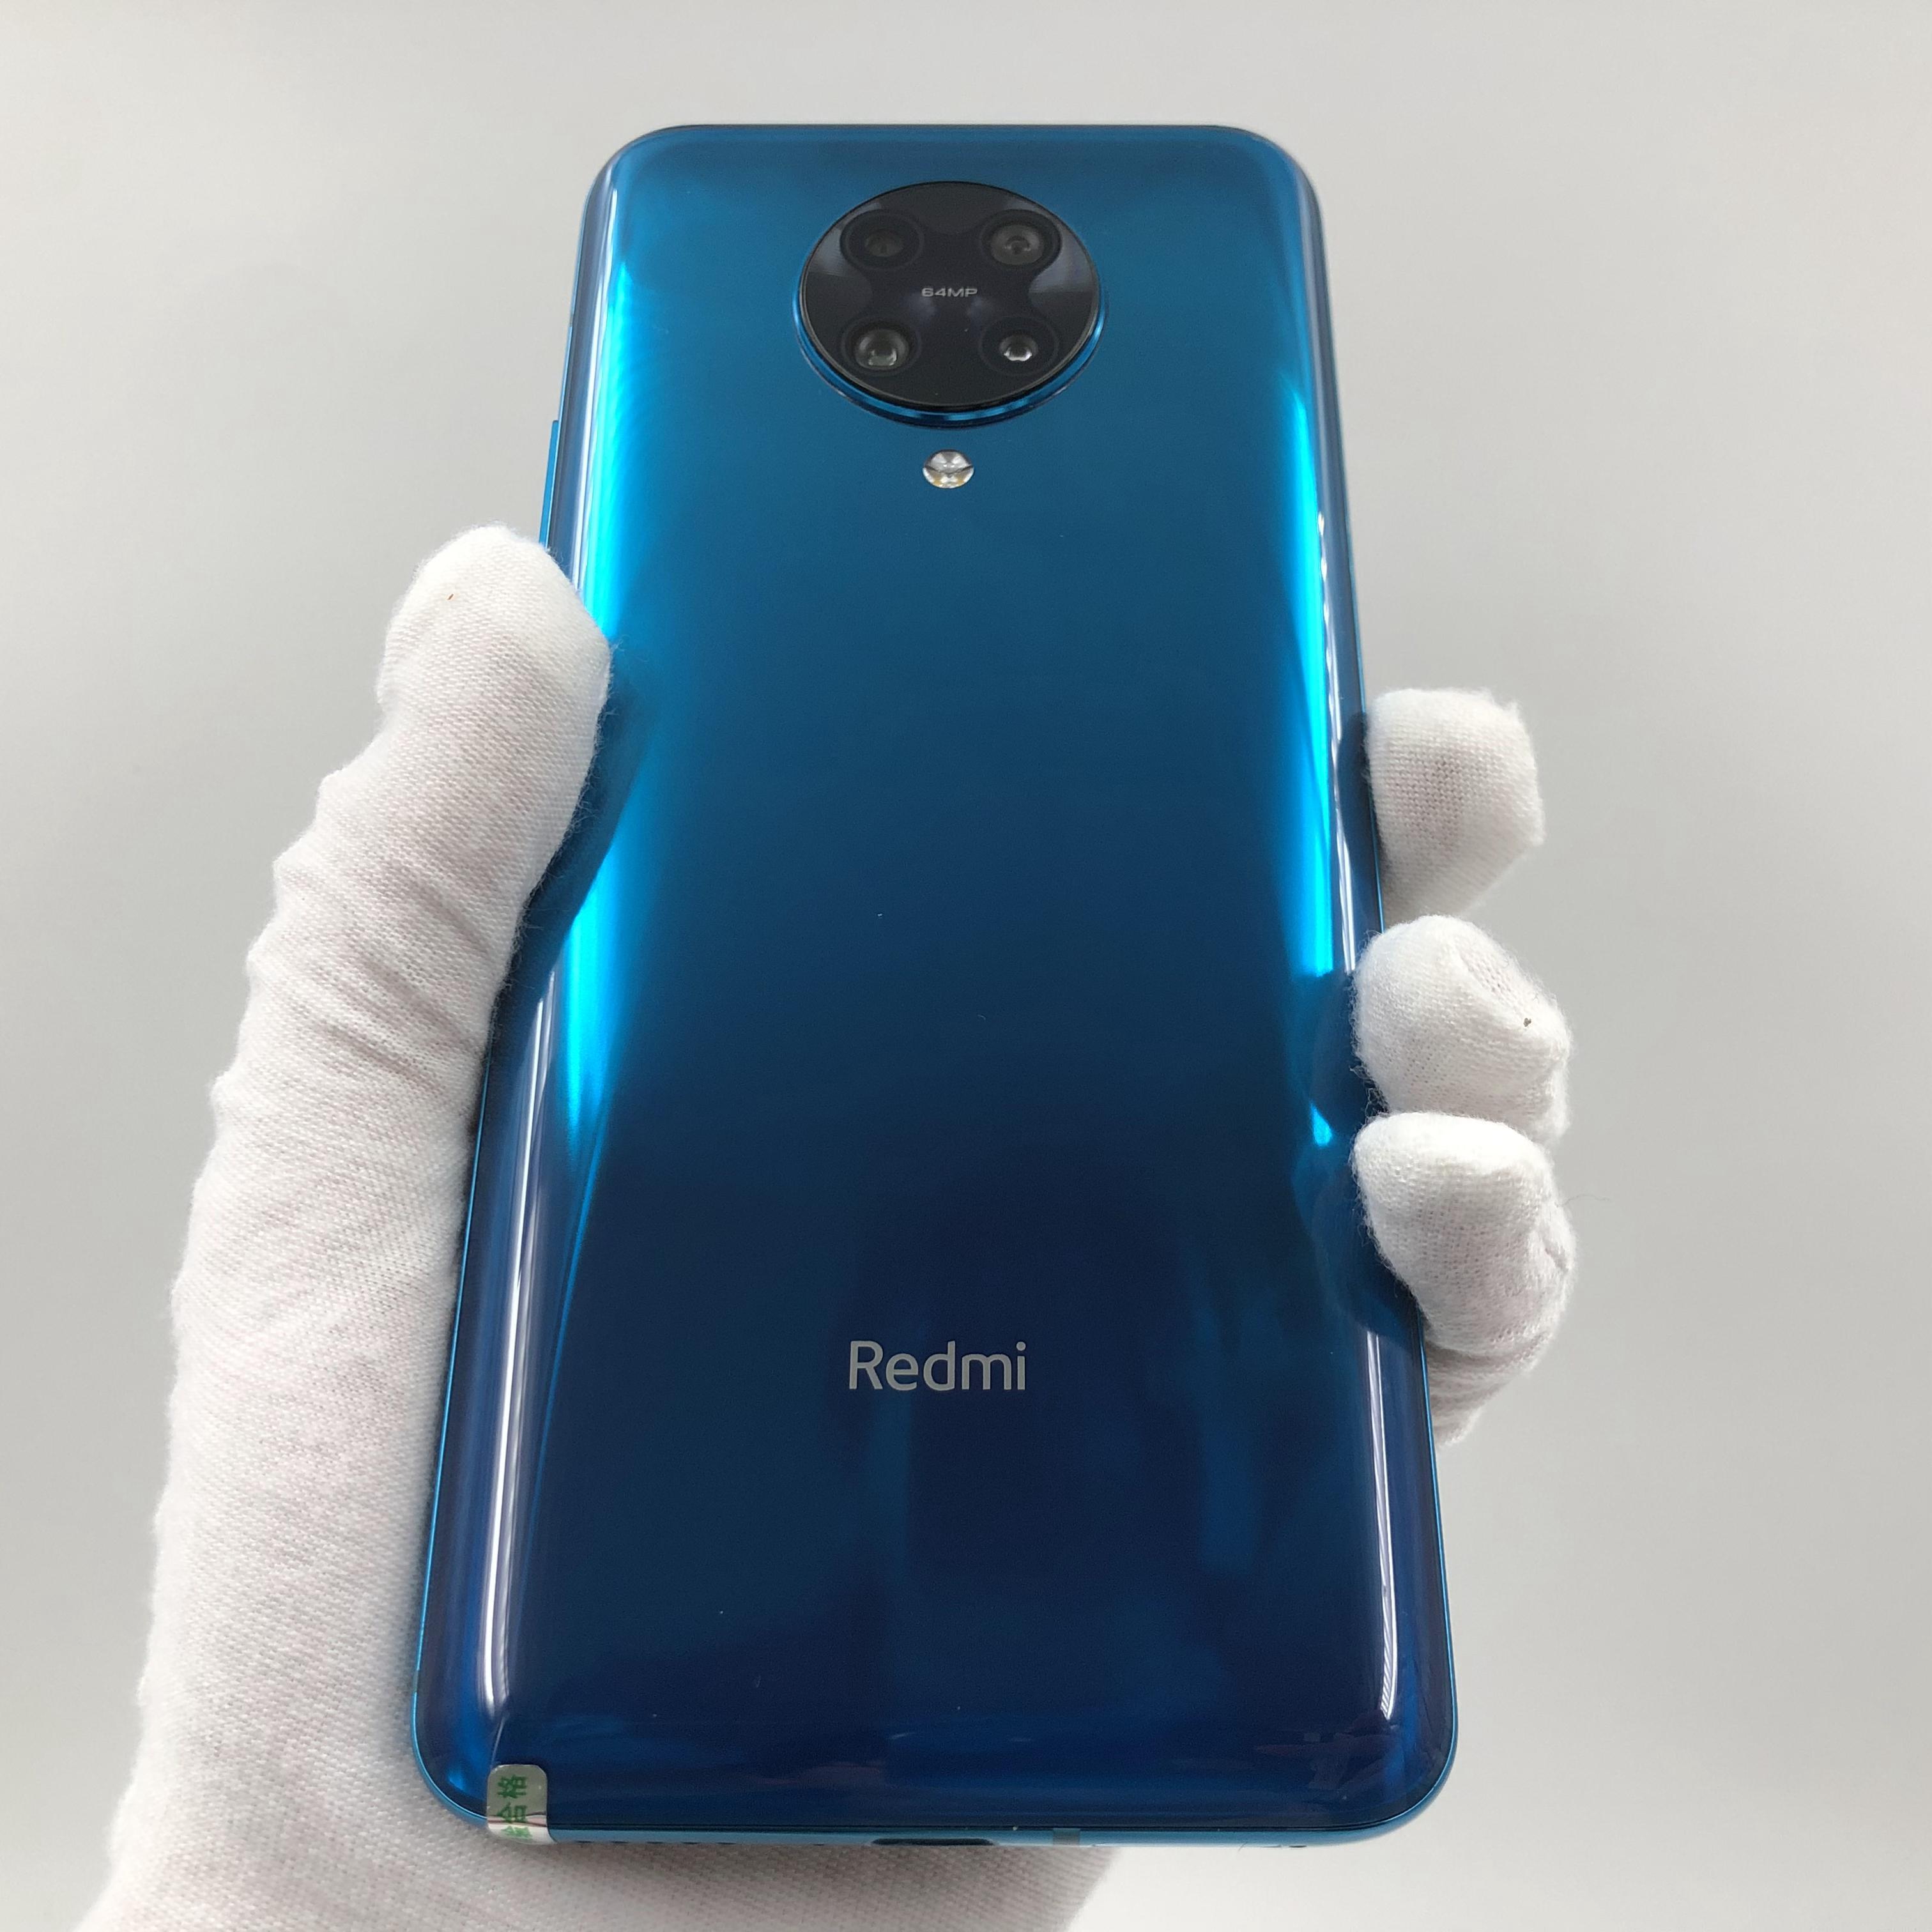 小米【Redmi k30 Pro 5G】5G全网通 天际蓝 6G/128G 国行 9成新 真机实拍